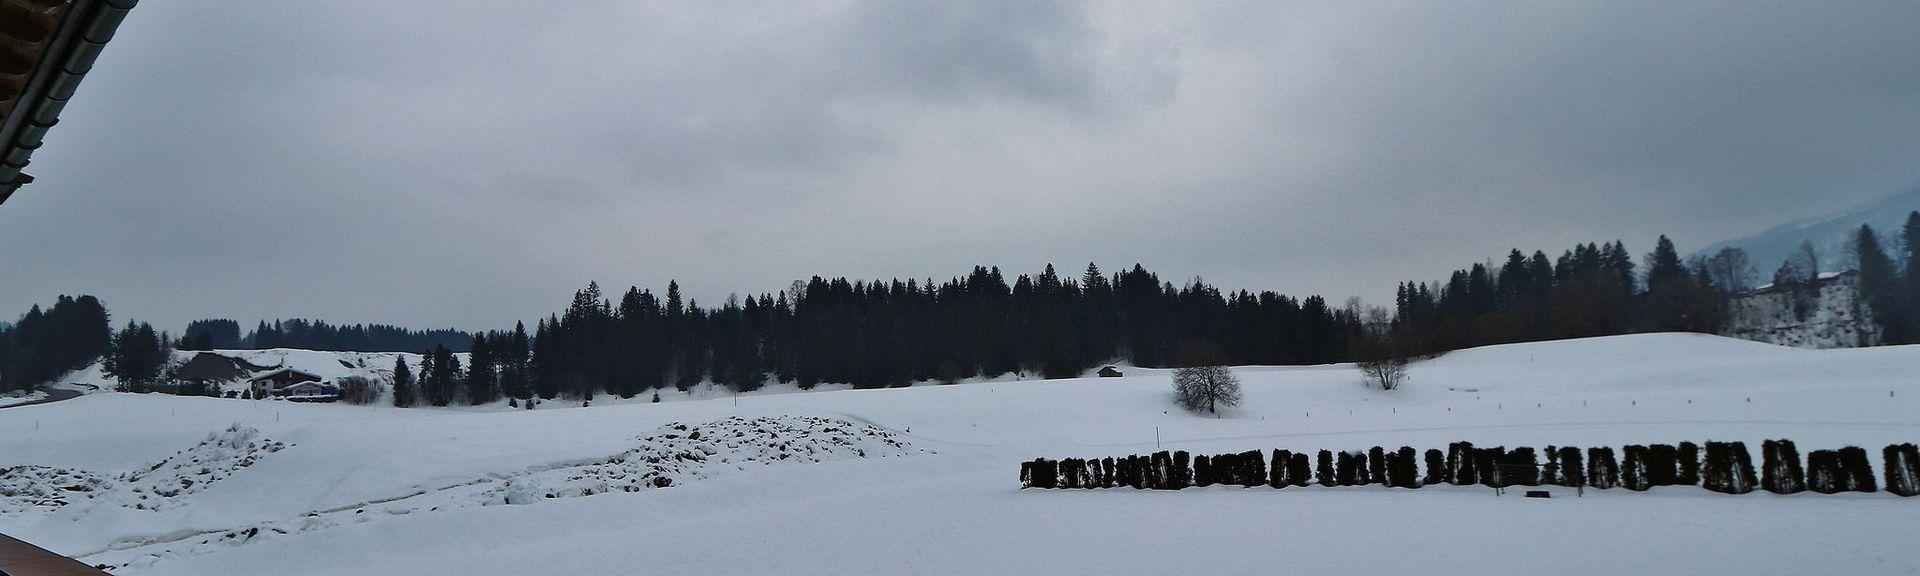 Kirchdorf in Tirol, Tirol, Österreich